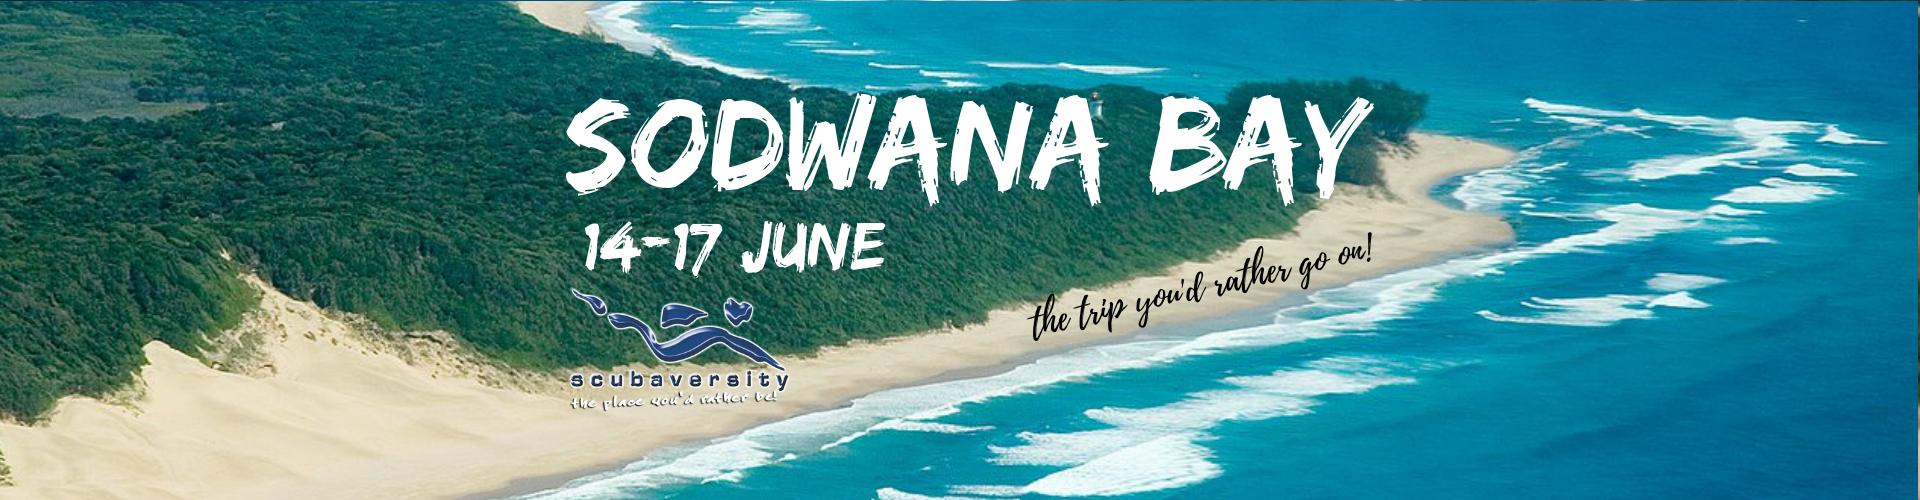 Sodwana Bay 14-17 June